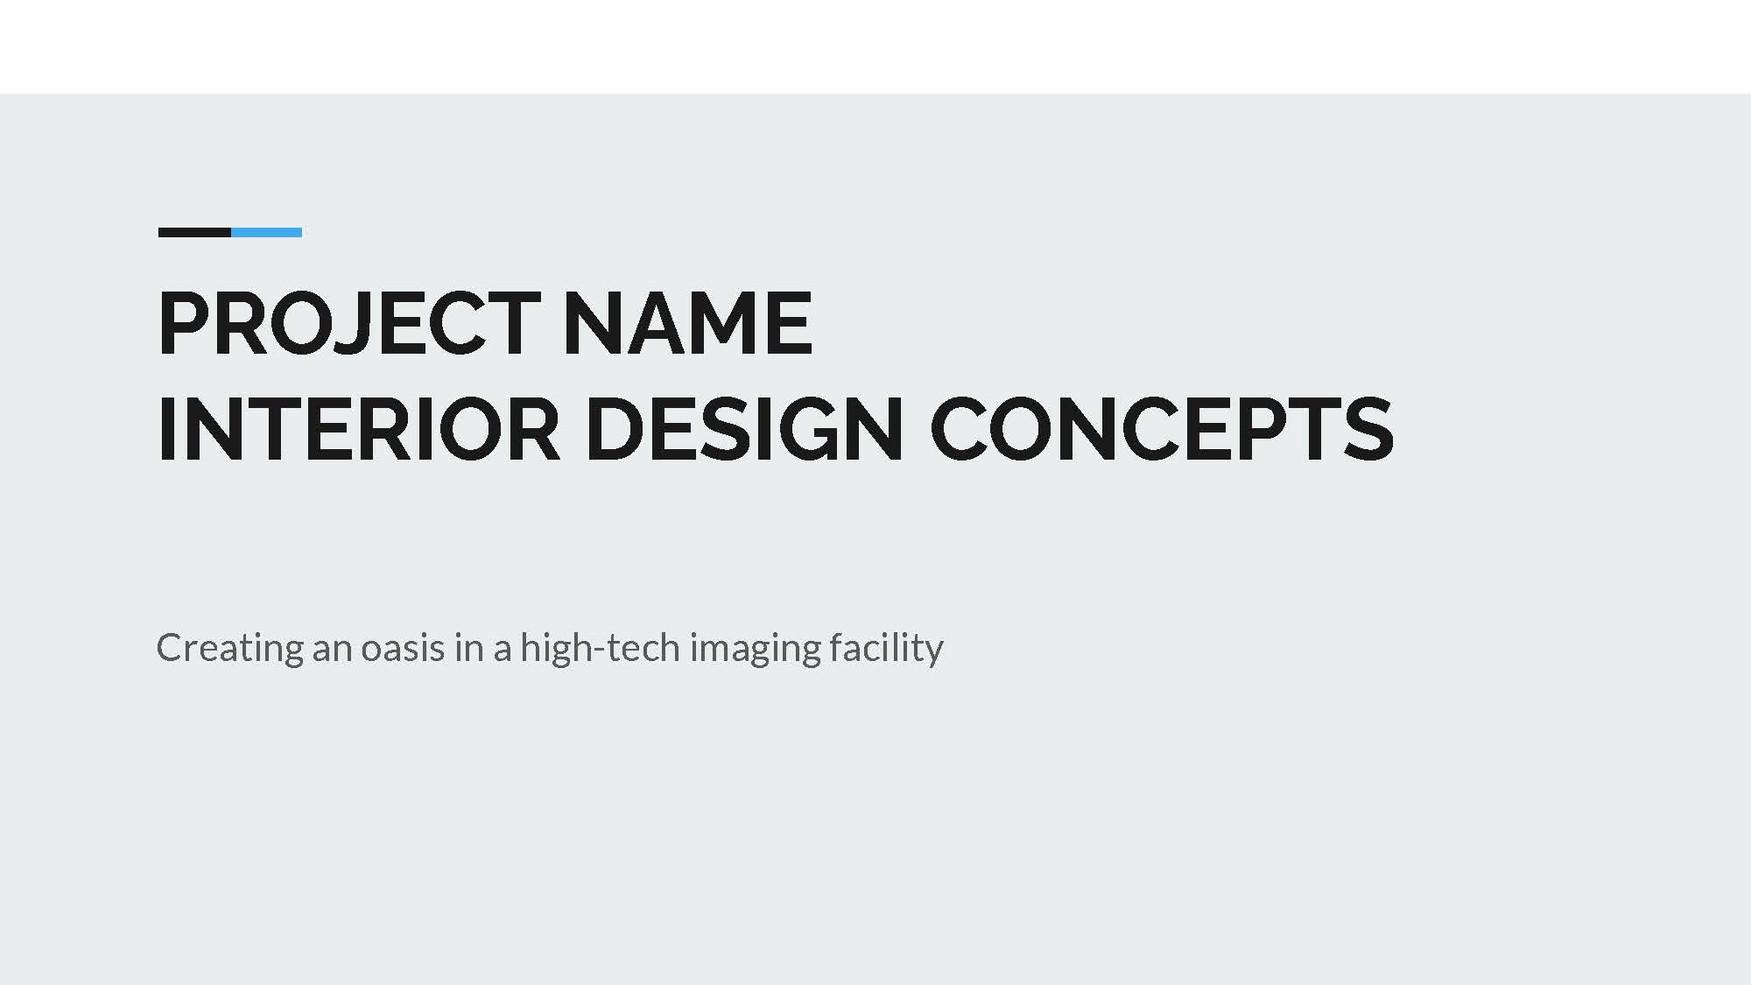 MRI INTERIOR DESIGN CONCEPTS